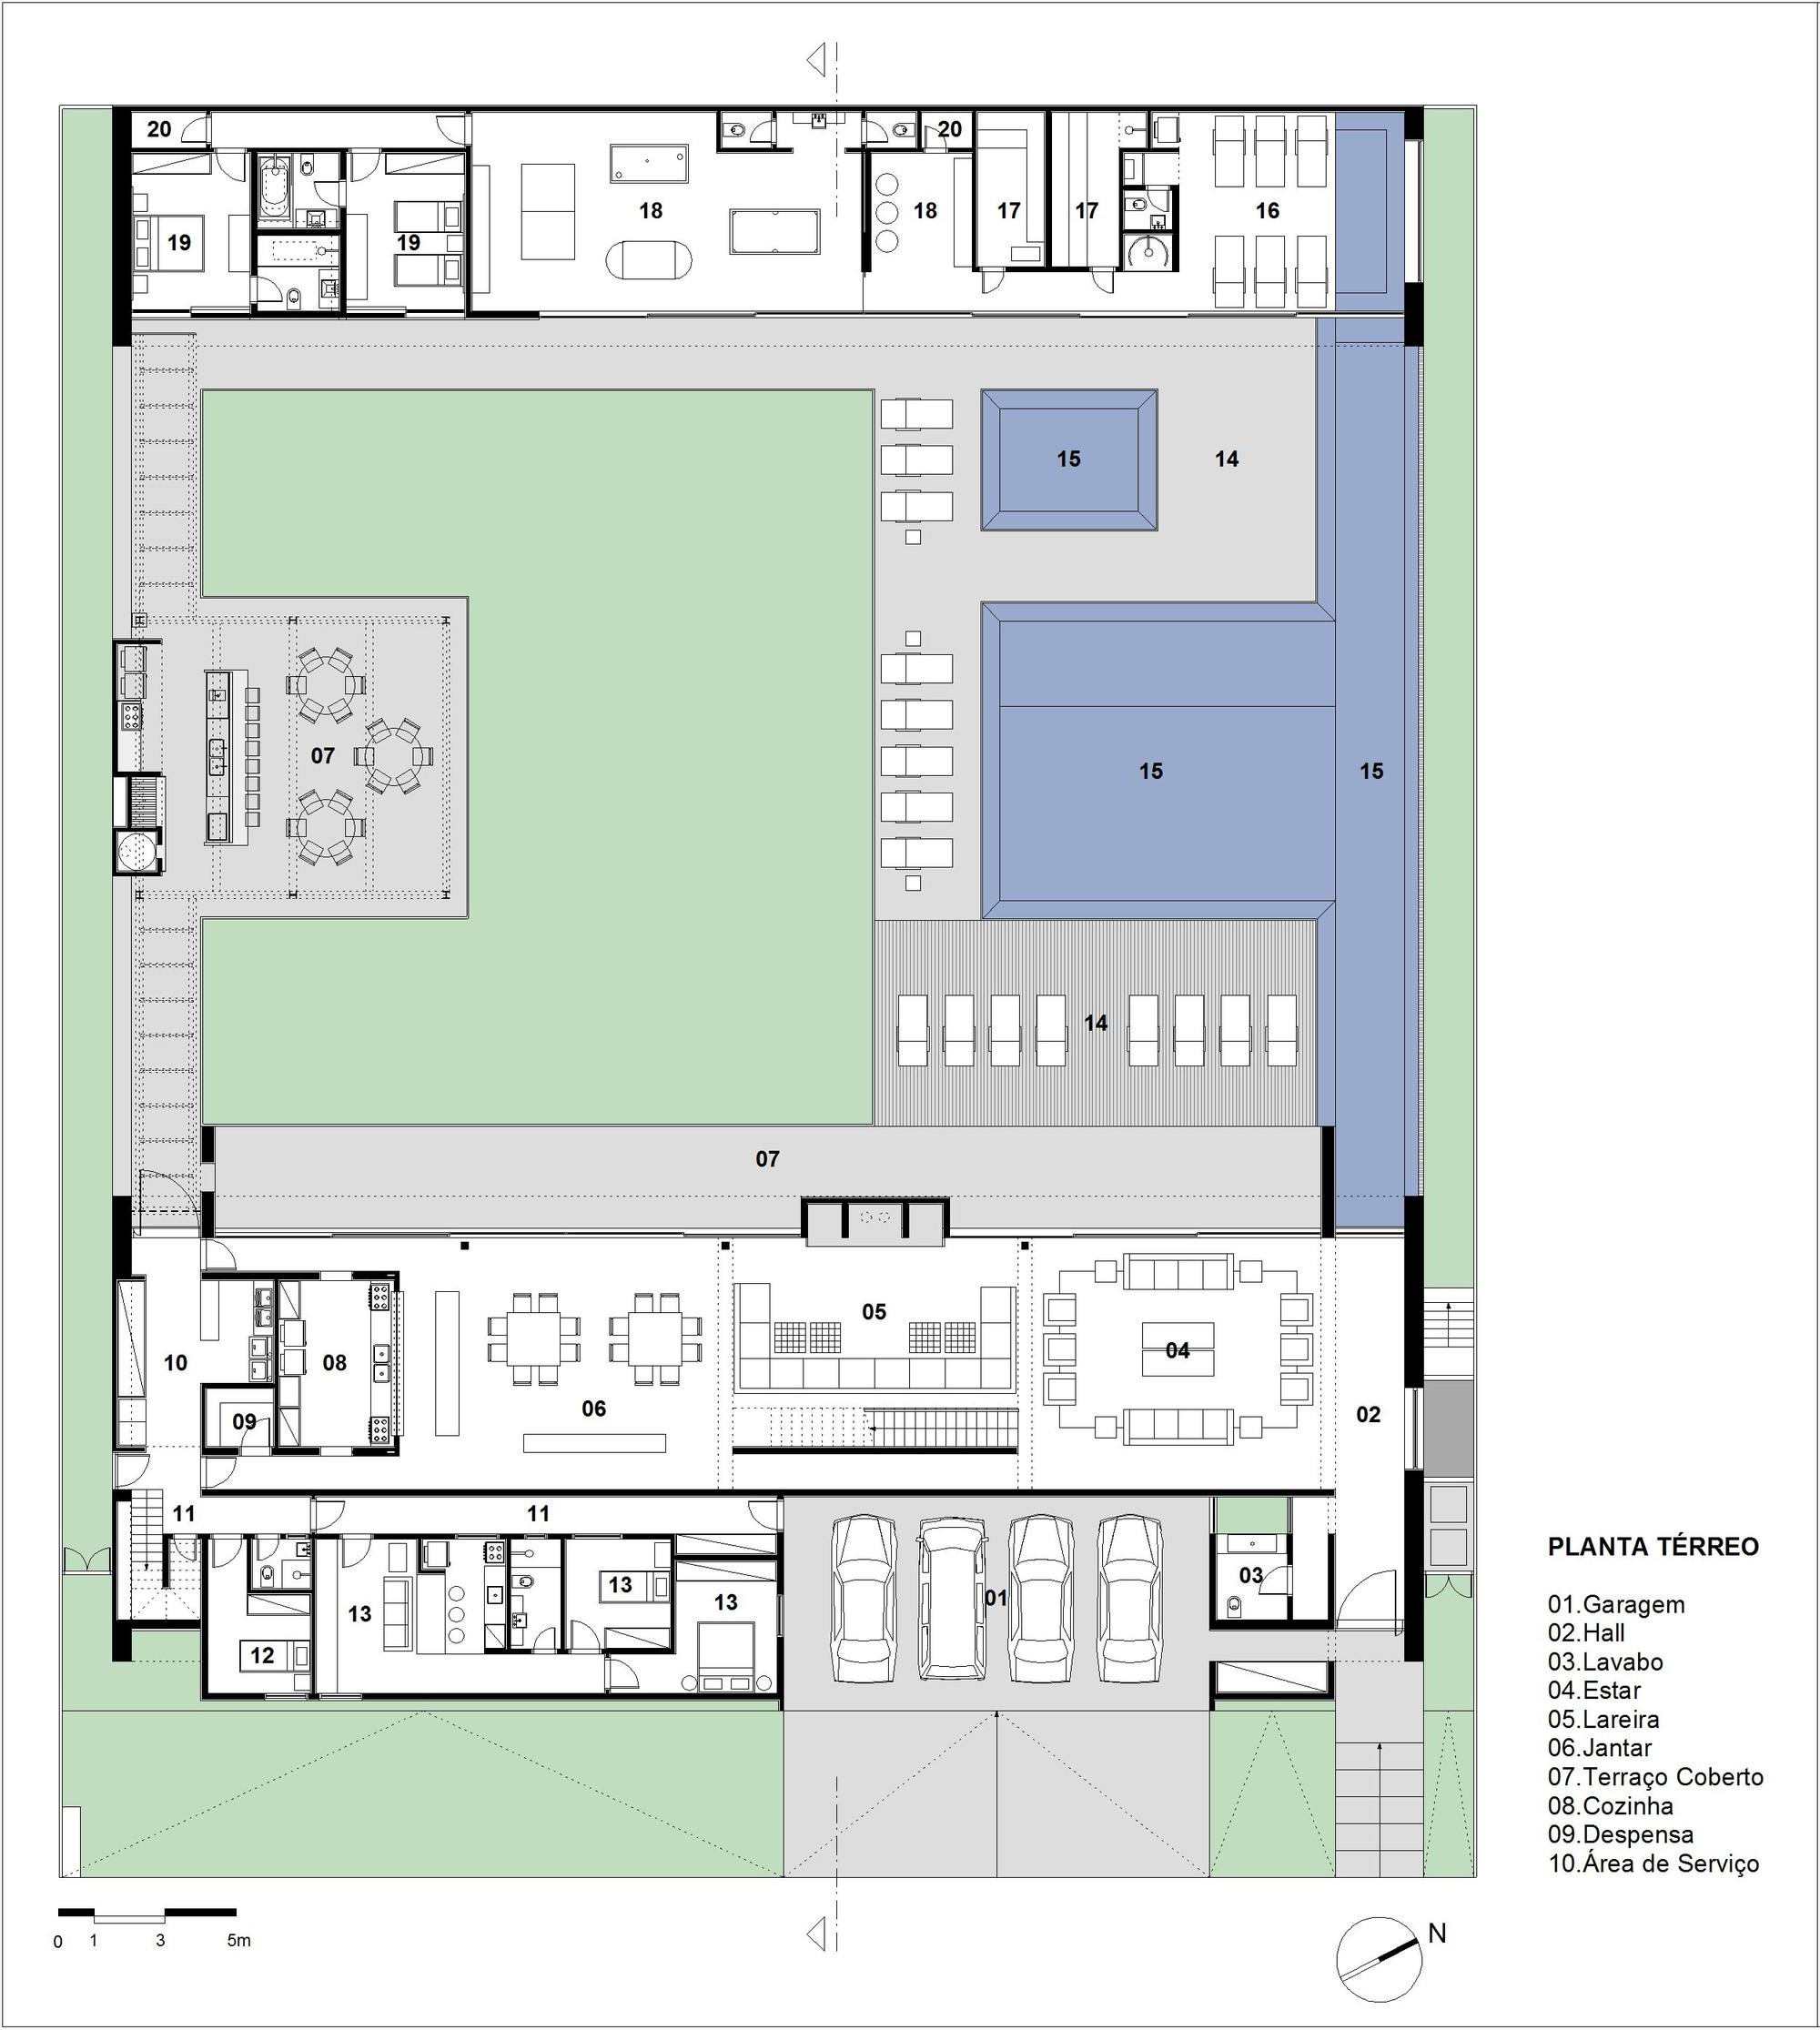 Galeria de casa mg basiches arquitetos associados 20 - Planos de casas con patio interior ...